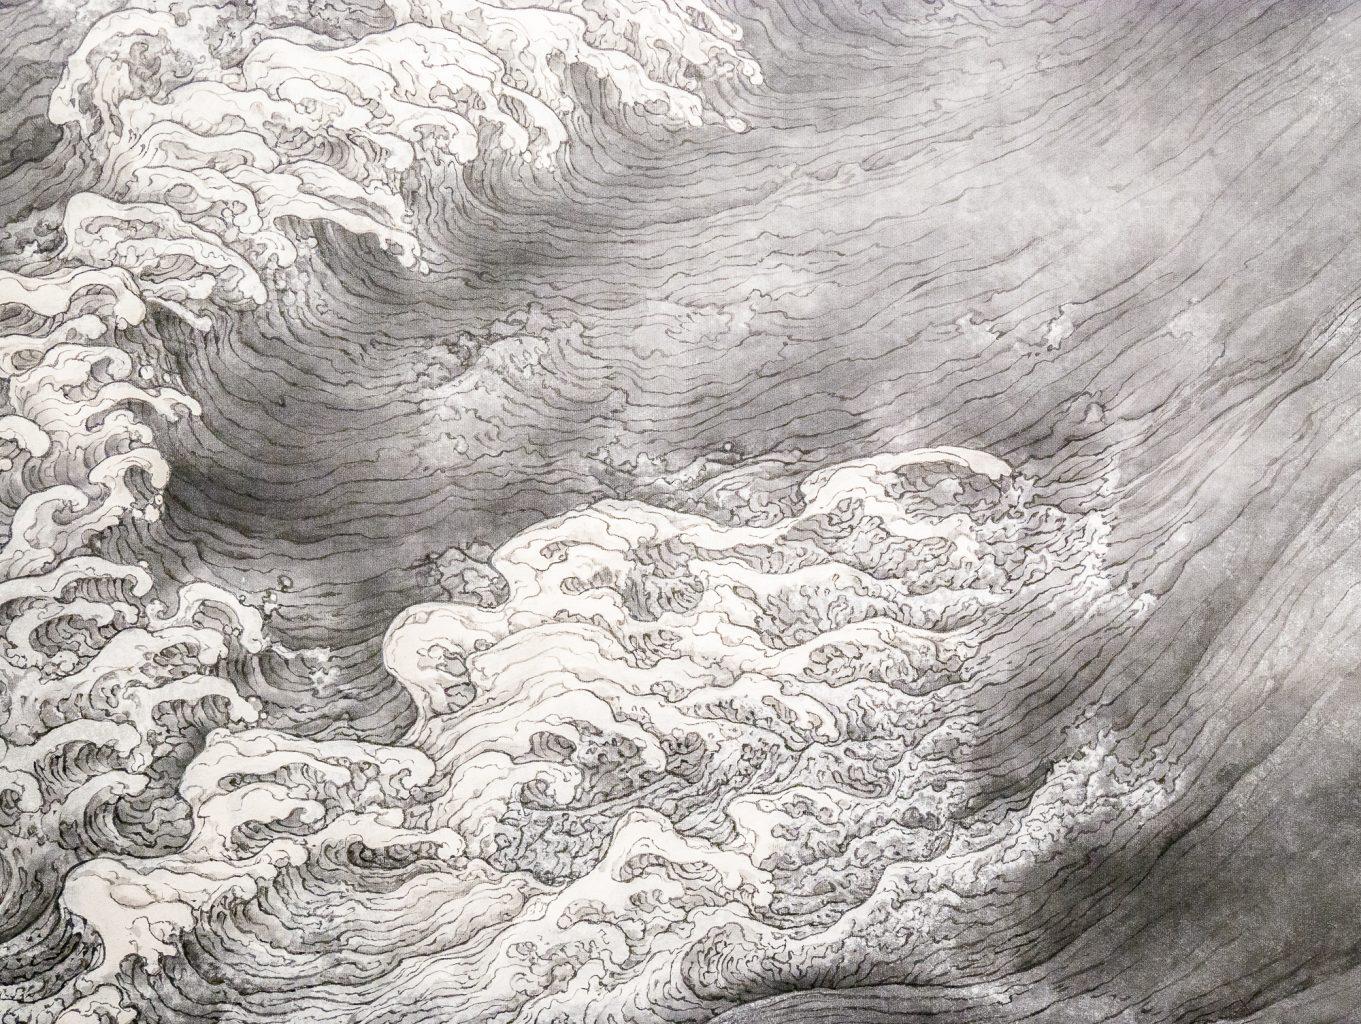 Li Huayi painting detail